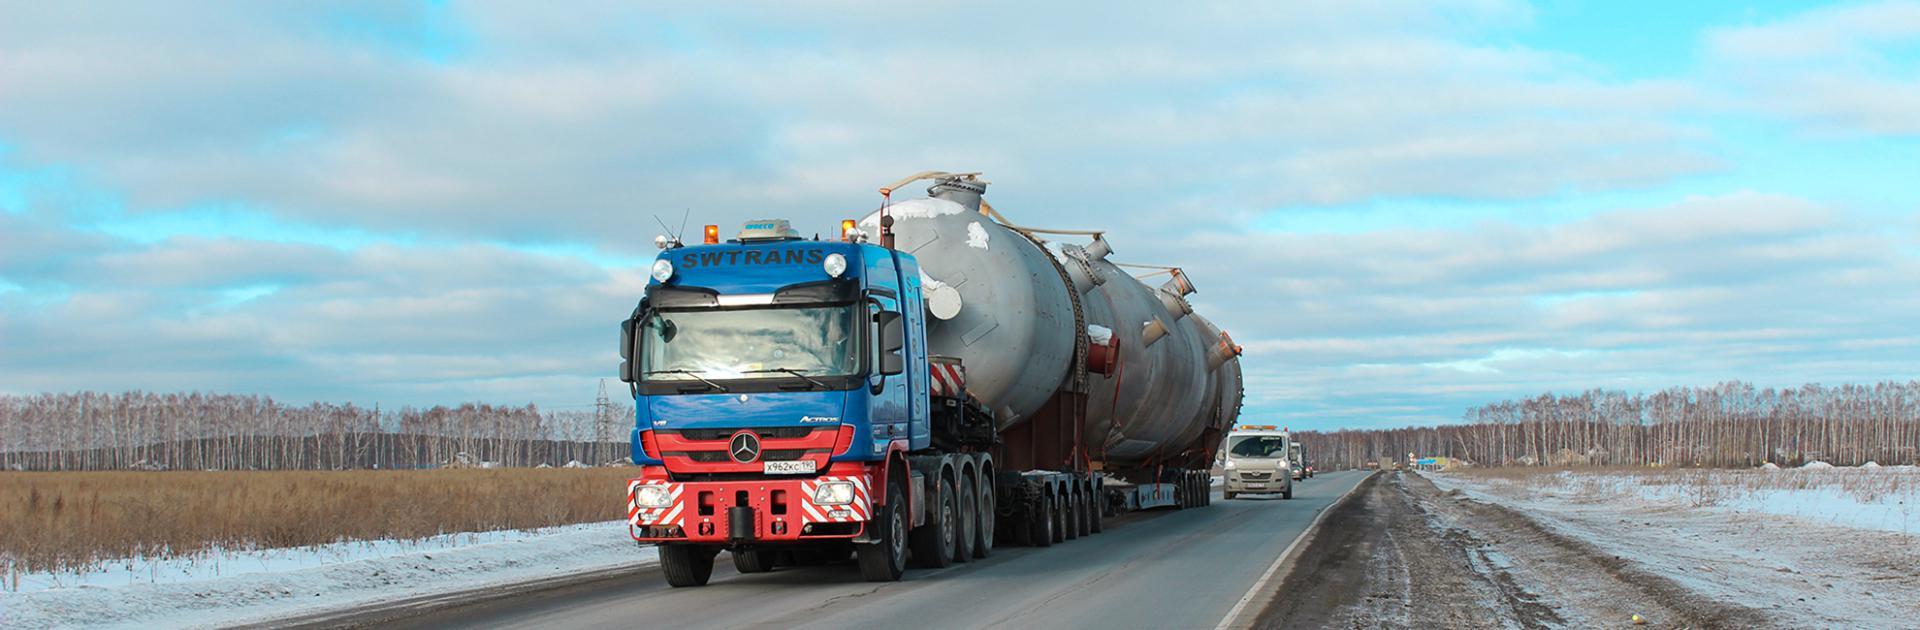 Негабаритные перевозки тяжеловесных грузов автотранспортом в  Негабаритные перевозки тяжеловесных грузов автотранспортом в Москве доставка